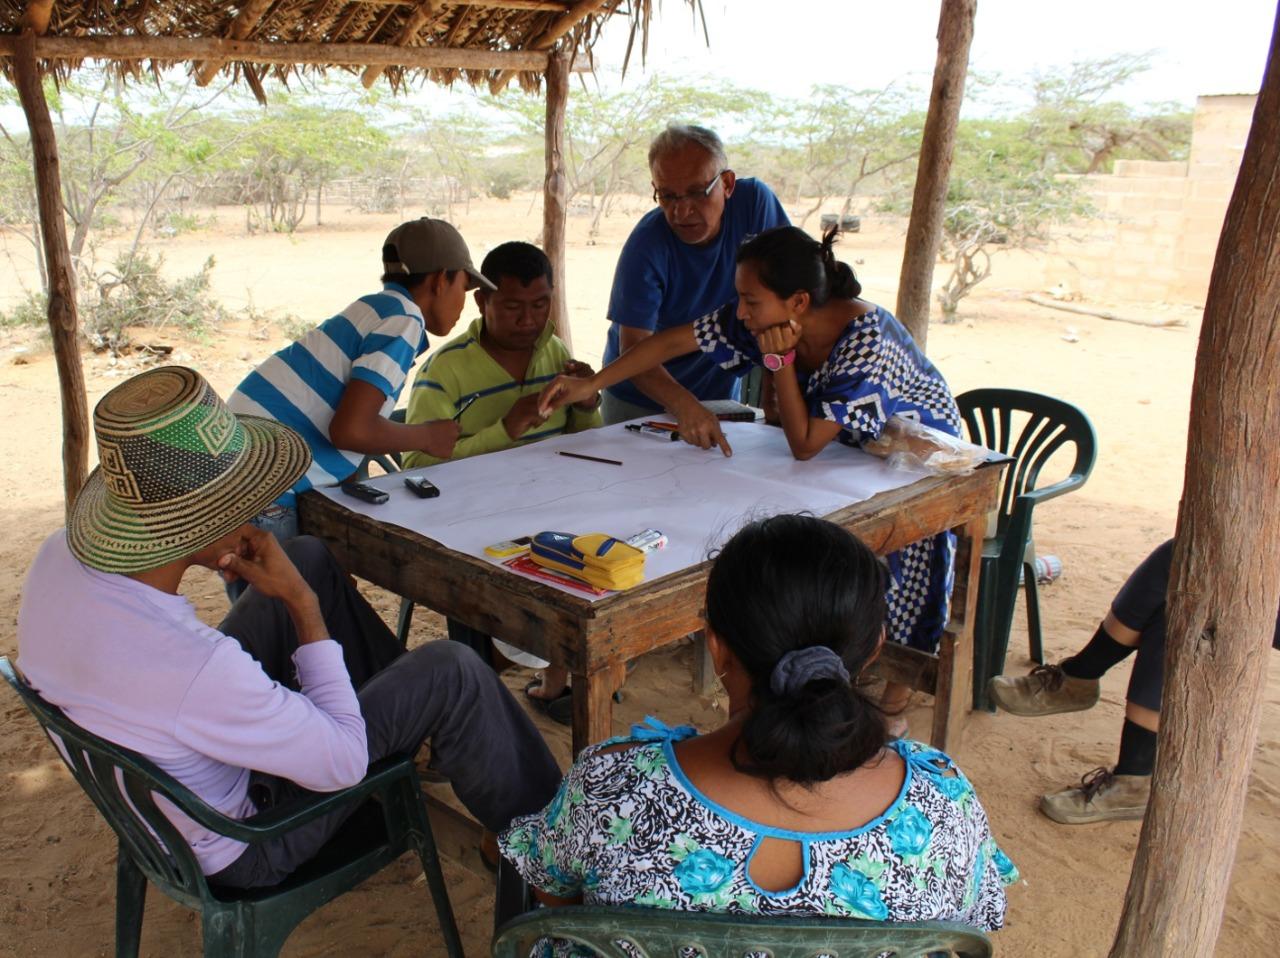 En la Guajira Venezolana realizando mapas con comunidades del Pueblo Wayuu, organizaciones indígenas Wainjirawa y la Universidad Autónoma Indígena UAIN